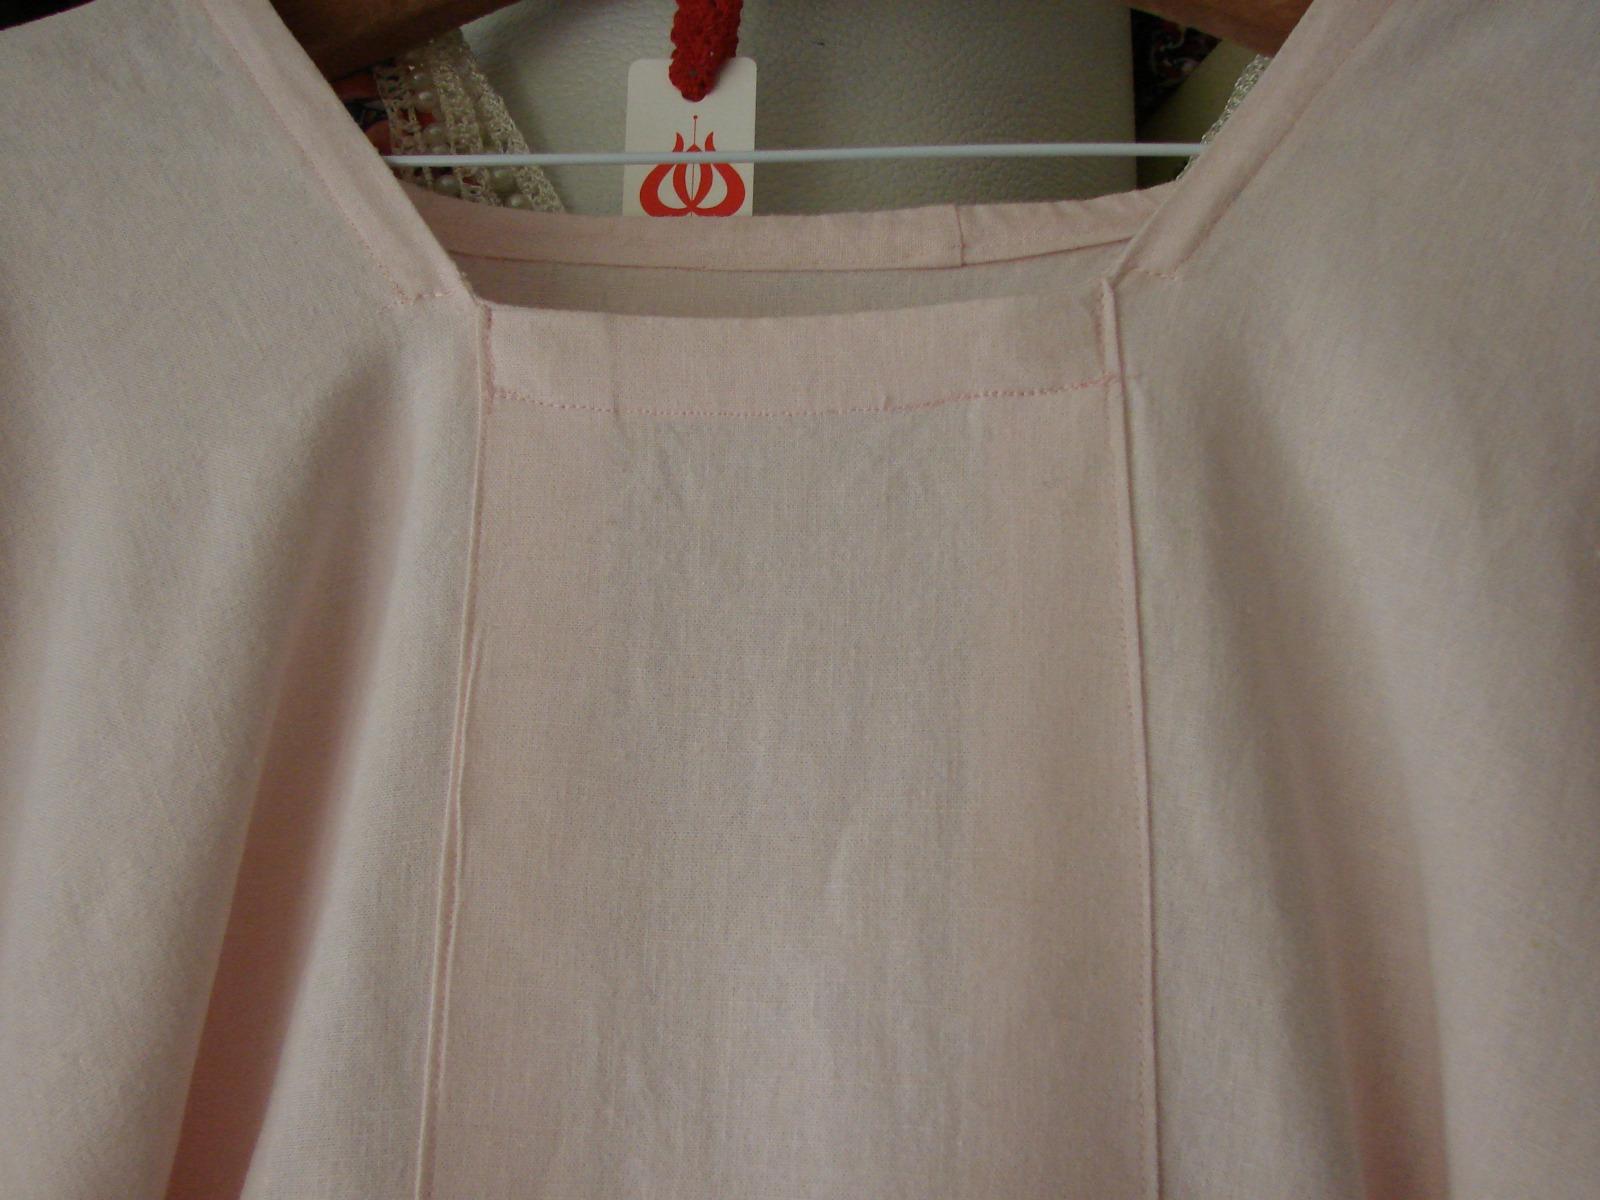 Leinen Kleid Kandy schlichtes Sommerkleid 7